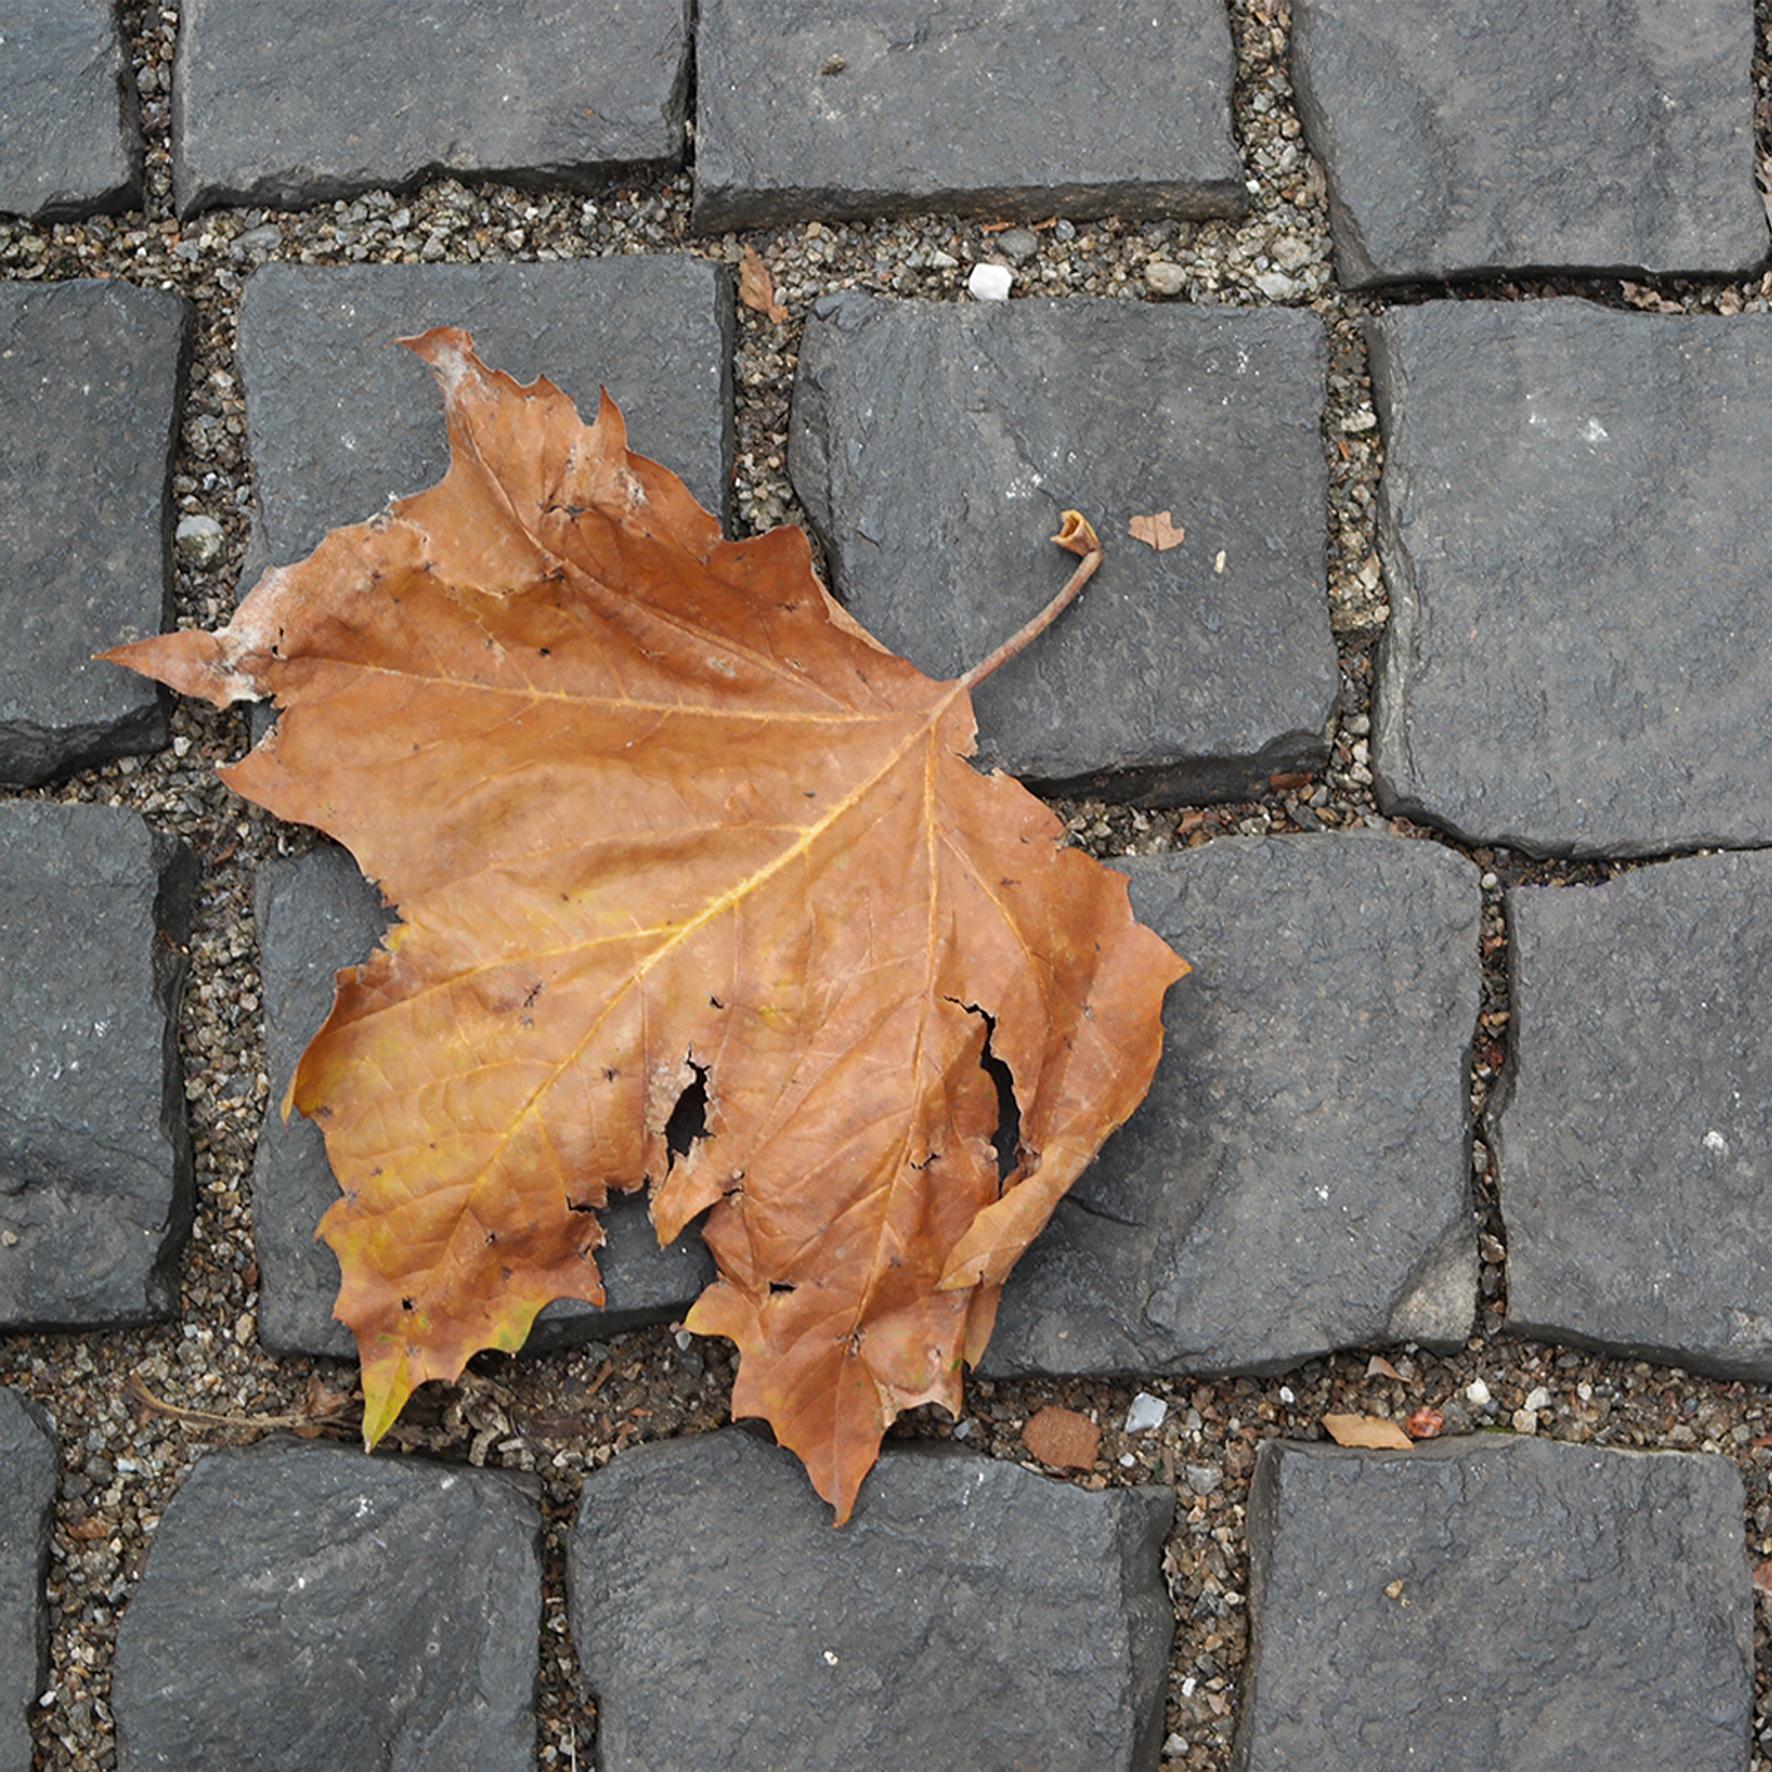 Why Geneva? by Dr. Oscar Or-El - Illustrated by Oscar Or-El, Ph. D. - Ourboox.com